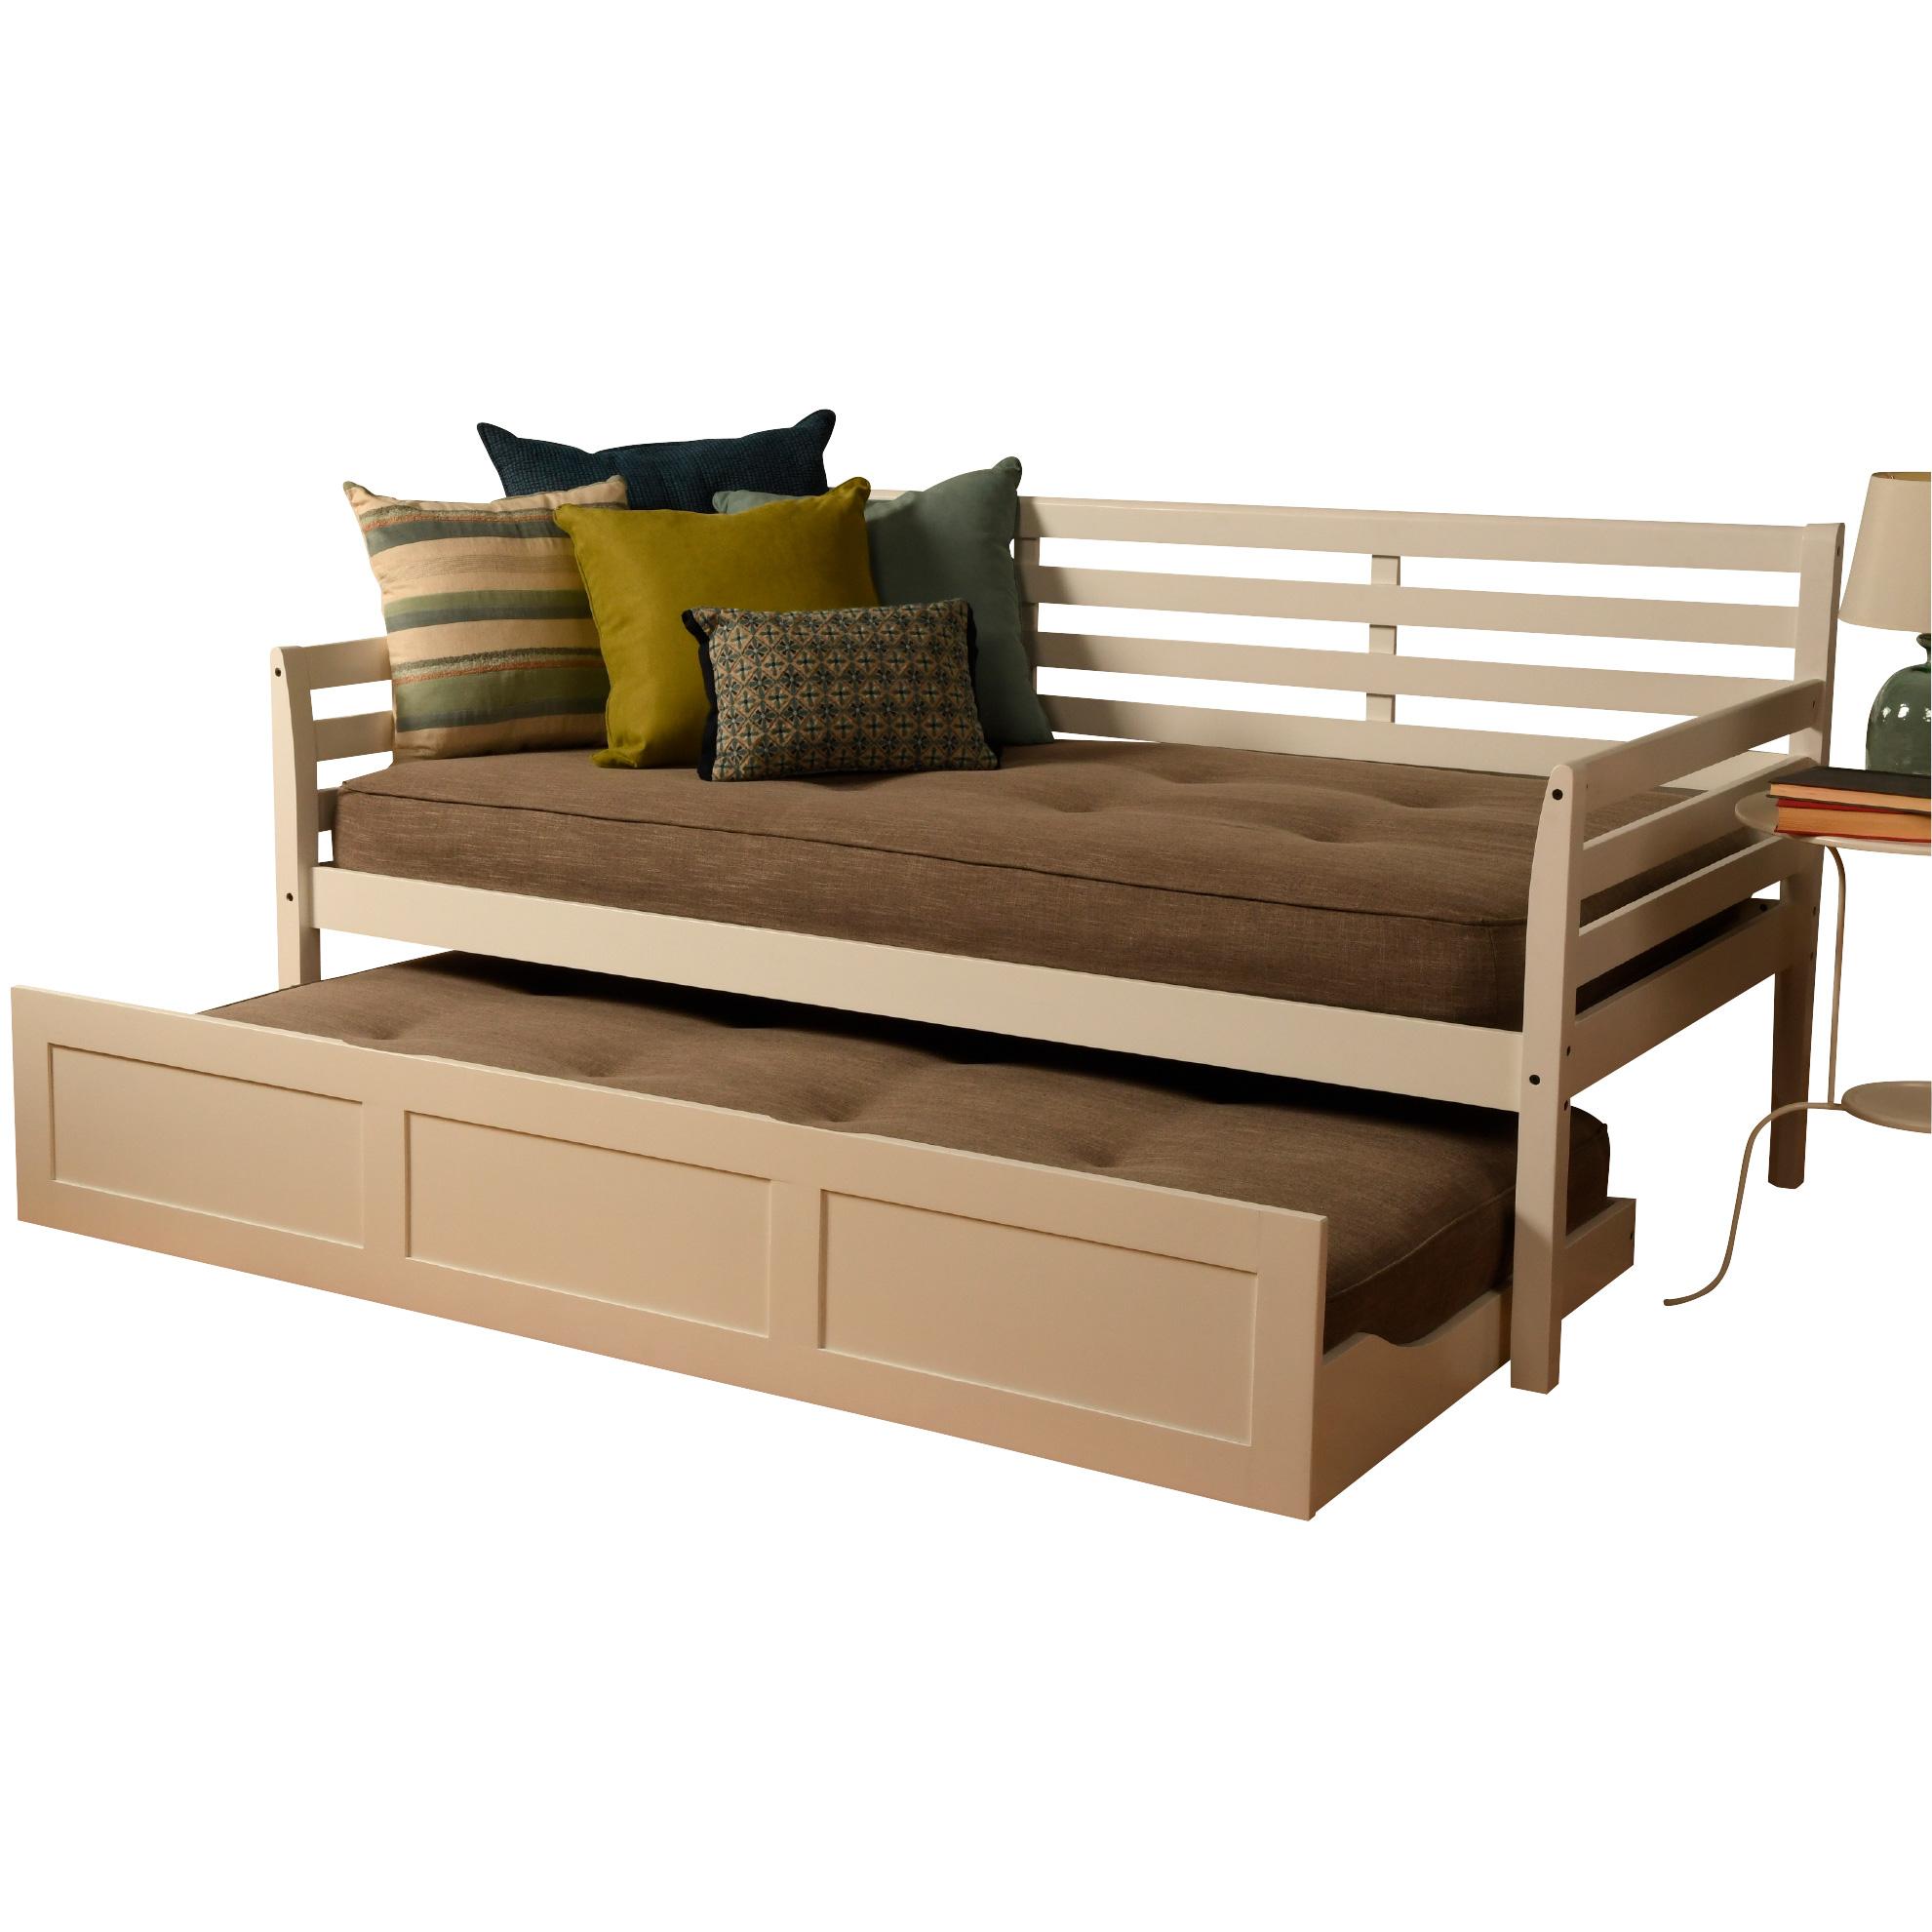 Kodiak Furniture | Boho White Daybed with Trundle